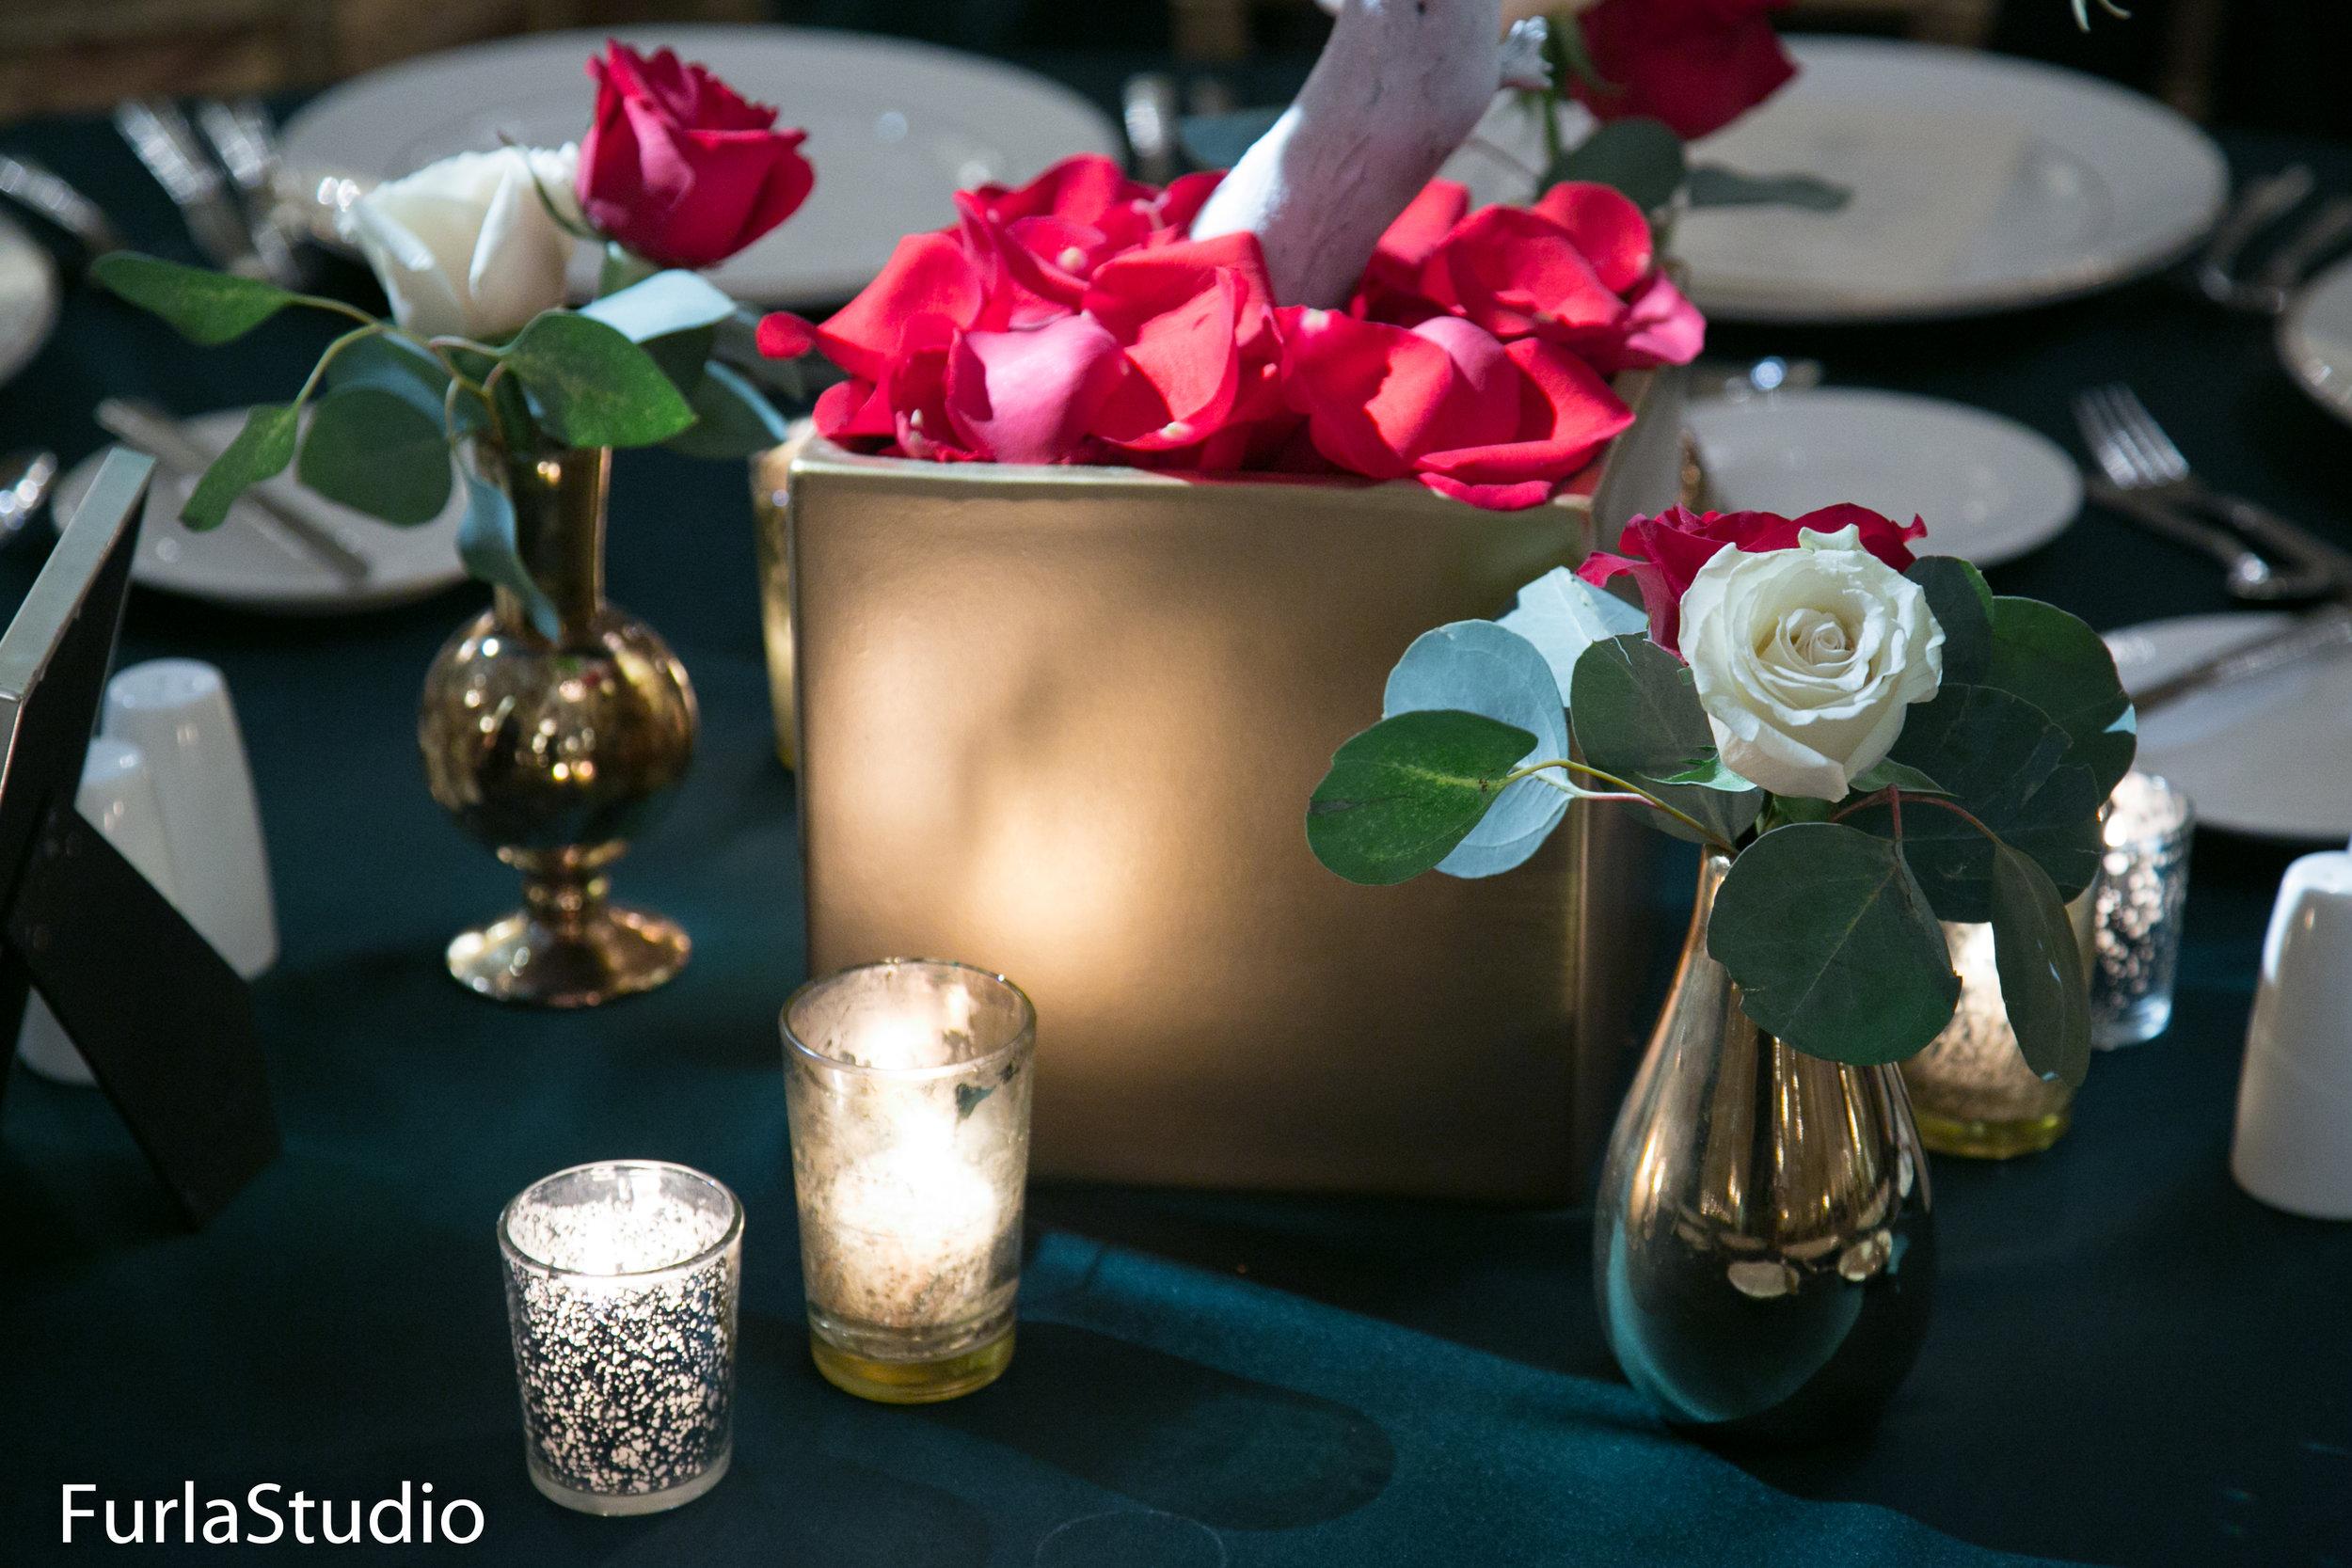 Emerald Winter Wedding   Your Day by MK   Chicago Wedding Planner   MK Andersen